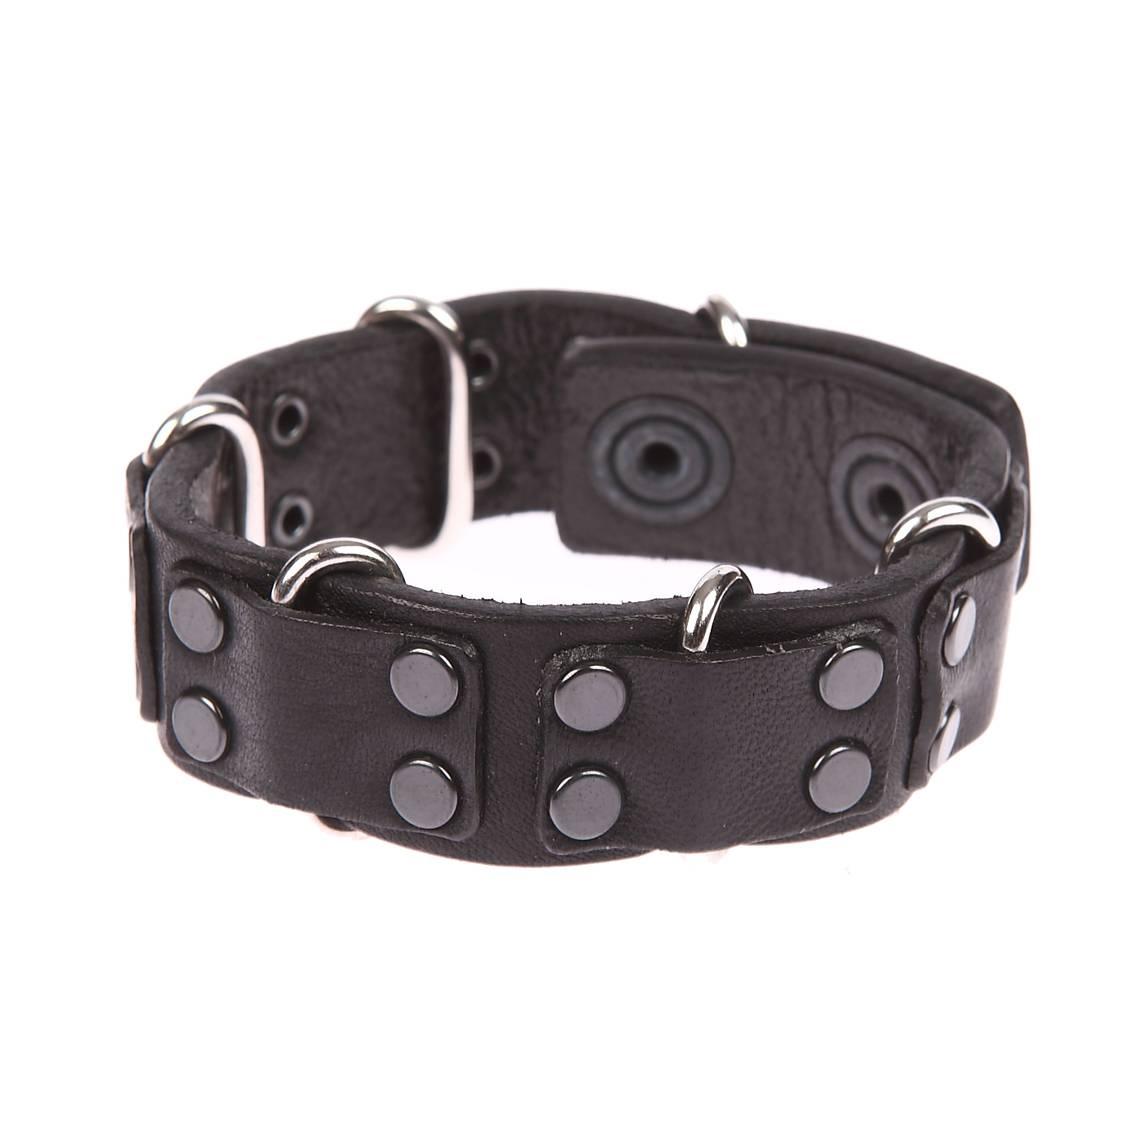 bracelet diesel a carez en cuir noir boucles m talliques et empi cements en cuir noir rue. Black Bedroom Furniture Sets. Home Design Ideas